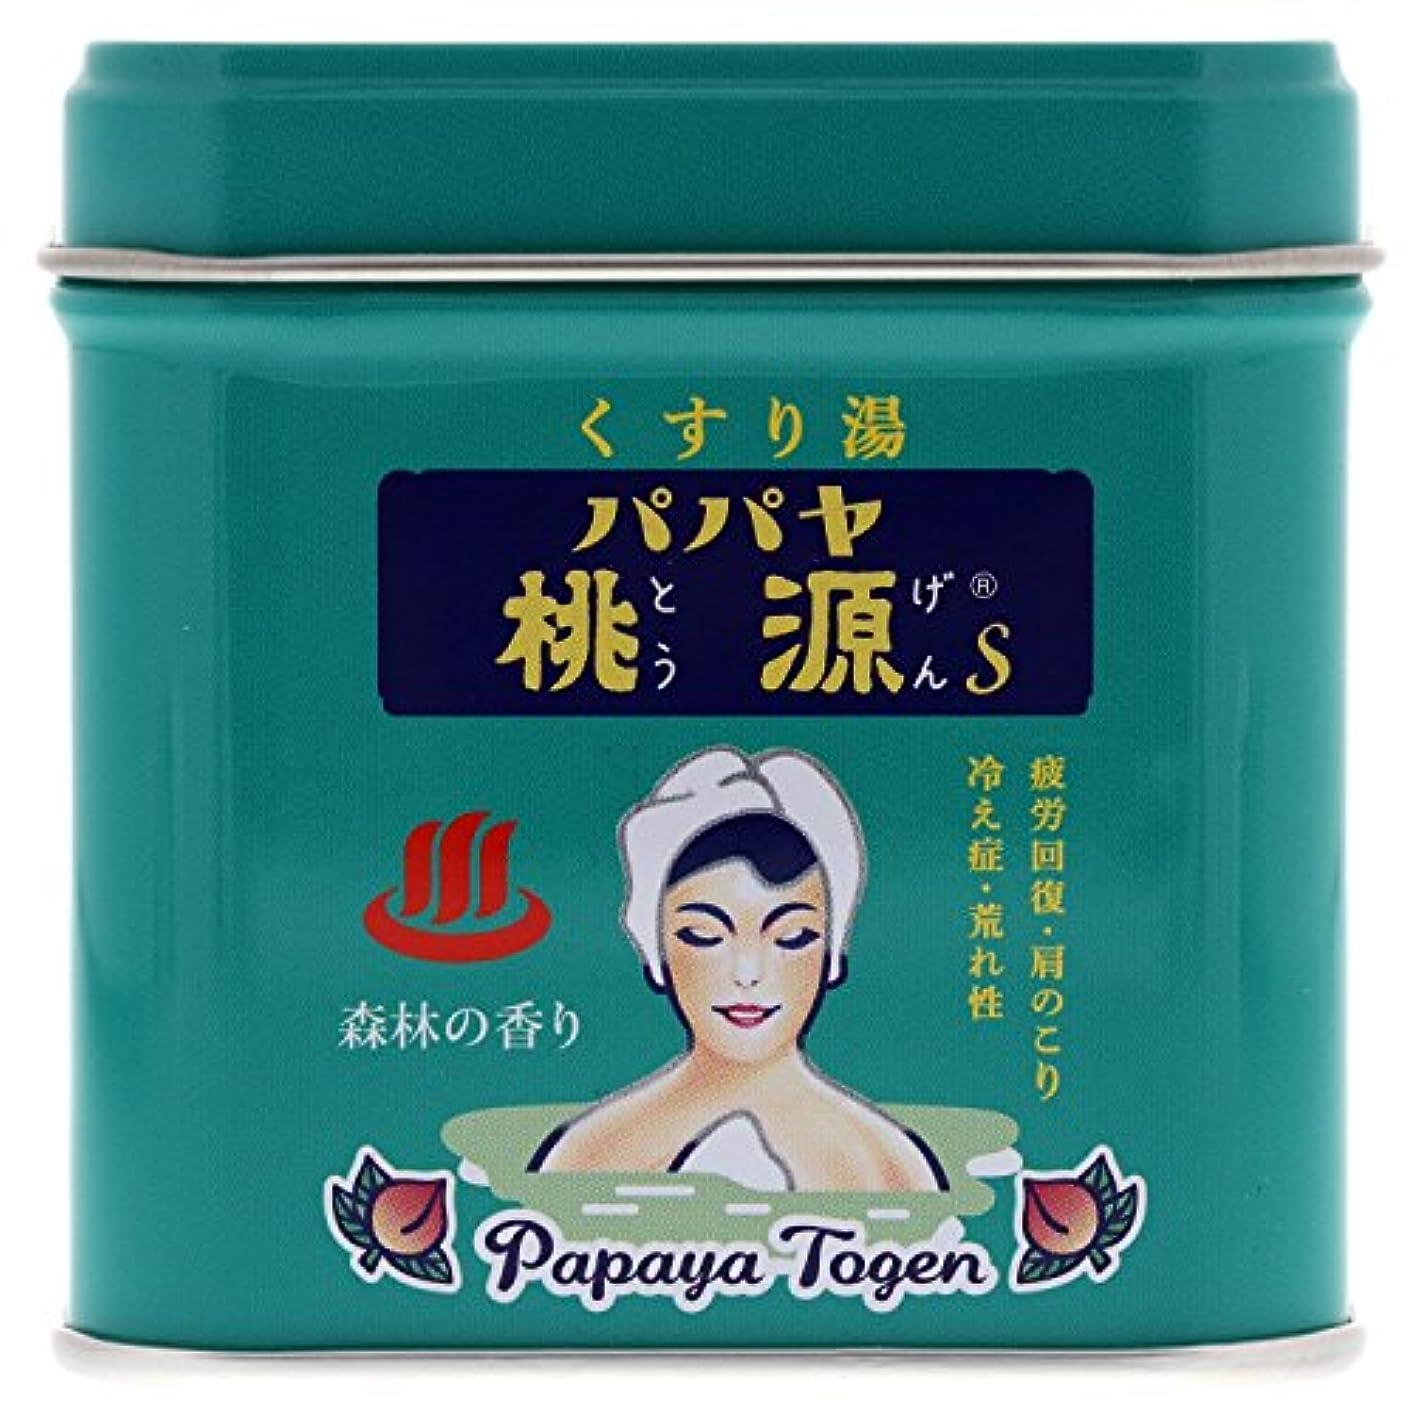 情熱大洪水核パパヤ桃源S 70g缶 森林の香り [医薬部外品]